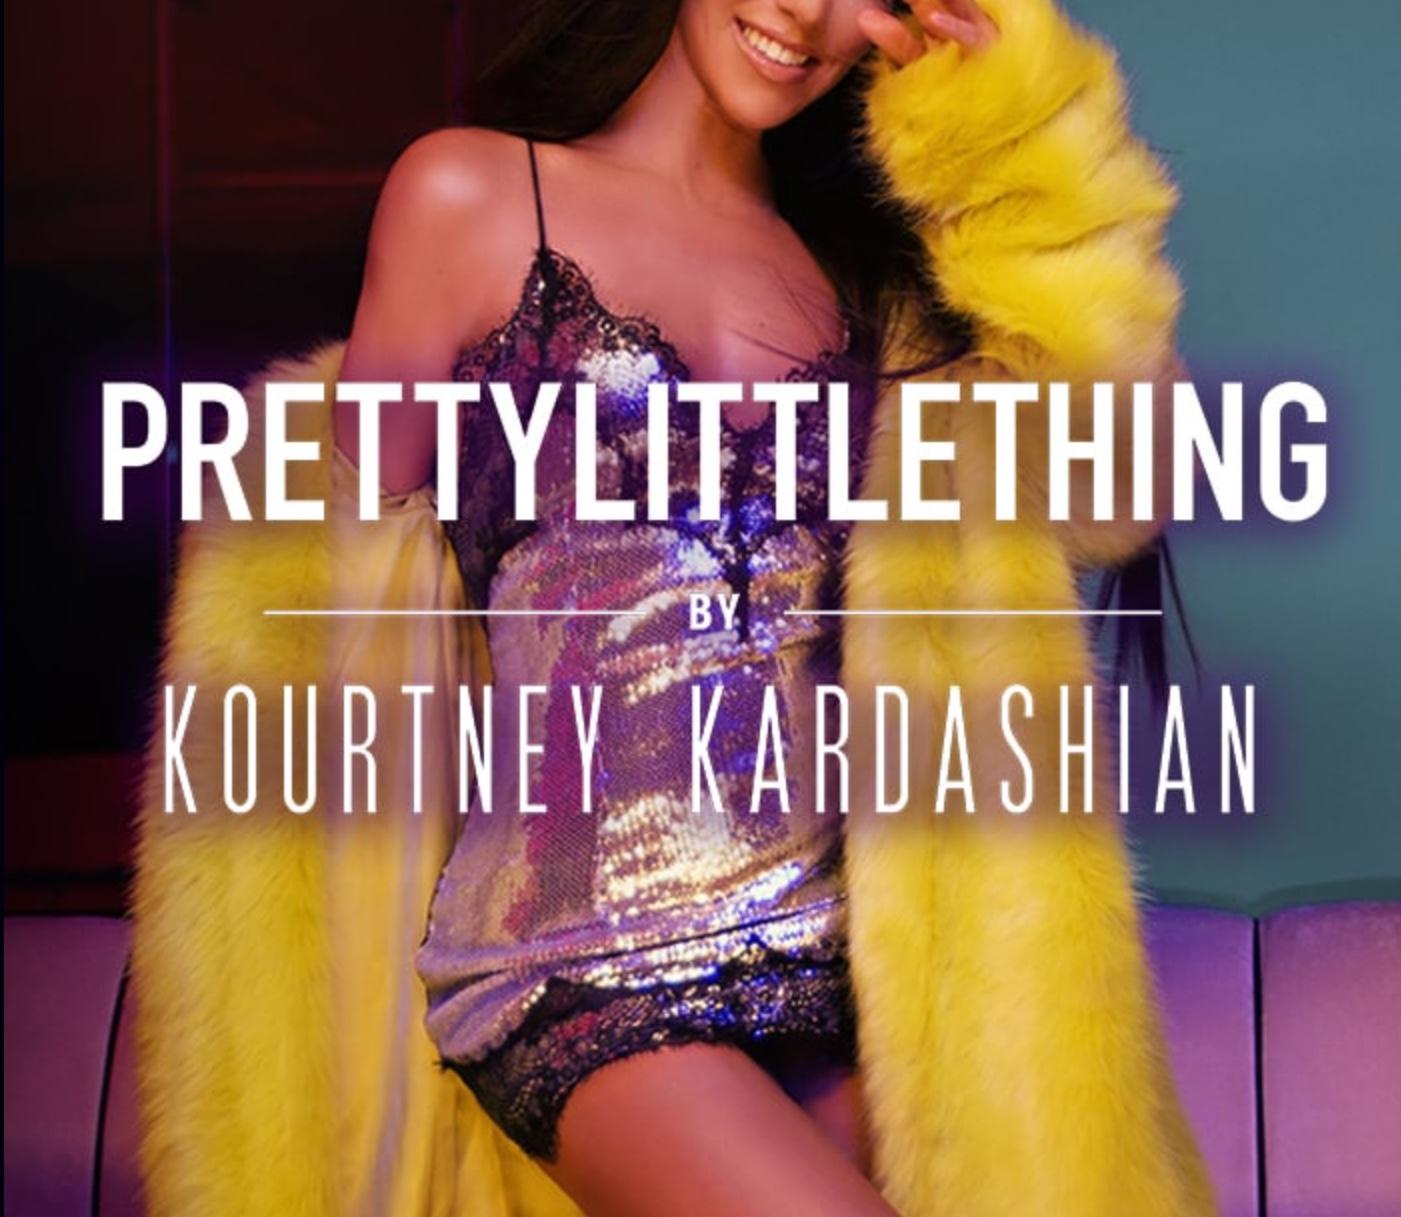 PRETTYLITTLETHING by KOURTNEY KARDASHIAN